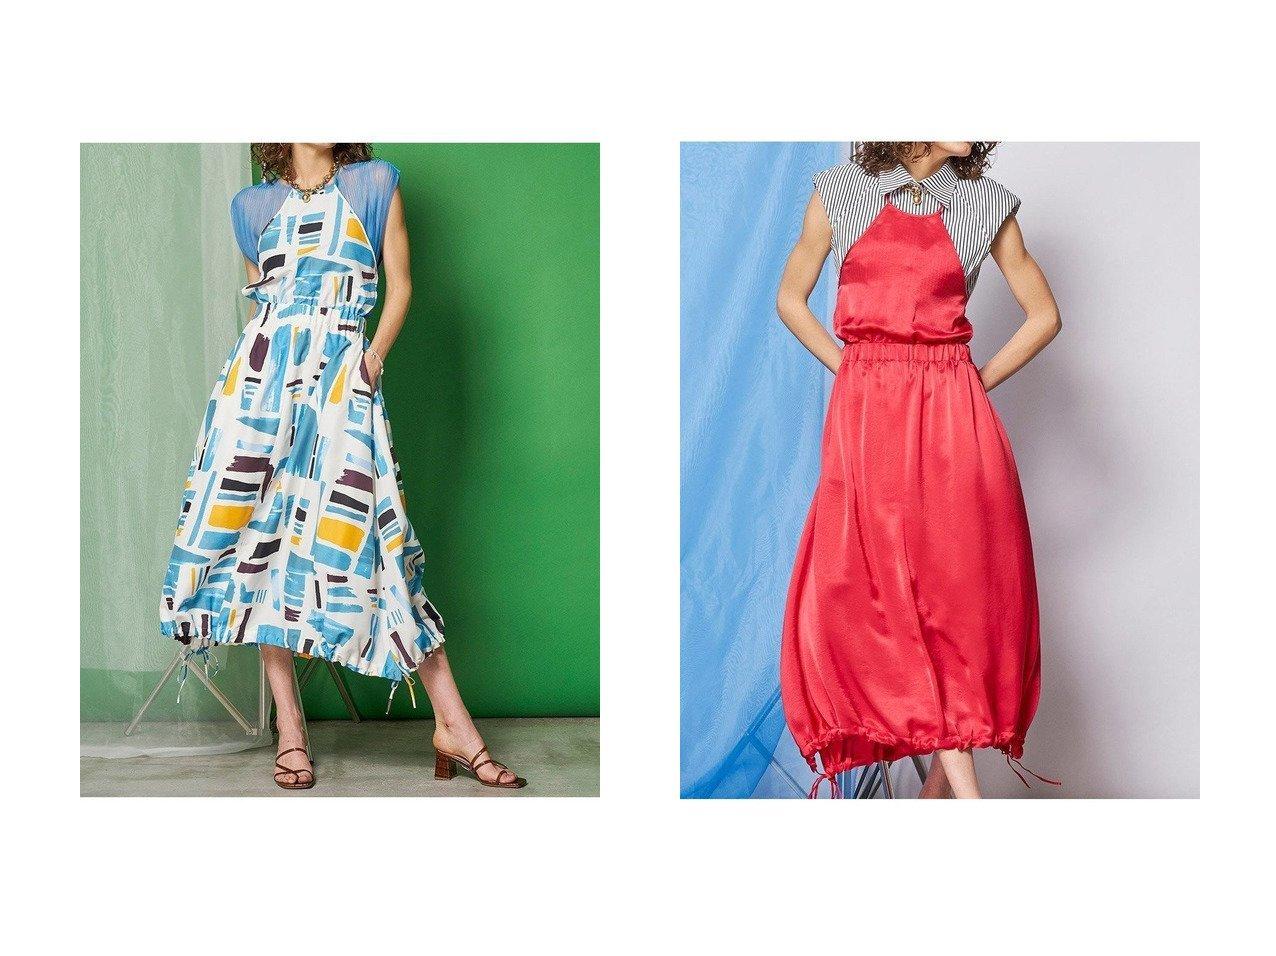 【MAISON SPECIAL/メゾンスペシャル】のアブストラクトホルターネックワンピース&ホルターネックワンピース 【ワンピース・ドレス】おすすめ!人気、トレンド・レディースファッションの通販  おすすめで人気の流行・トレンド、ファッションの通販商品 インテリア・家具・メンズファッション・キッズファッション・レディースファッション・服の通販 founy(ファニー) https://founy.com/ ファッション Fashion レディースファッション WOMEN ワンピース Dress おすすめ Recommend サマー シルク ドローストリング バルーン マキシ ロング |ID:crp329100000049260